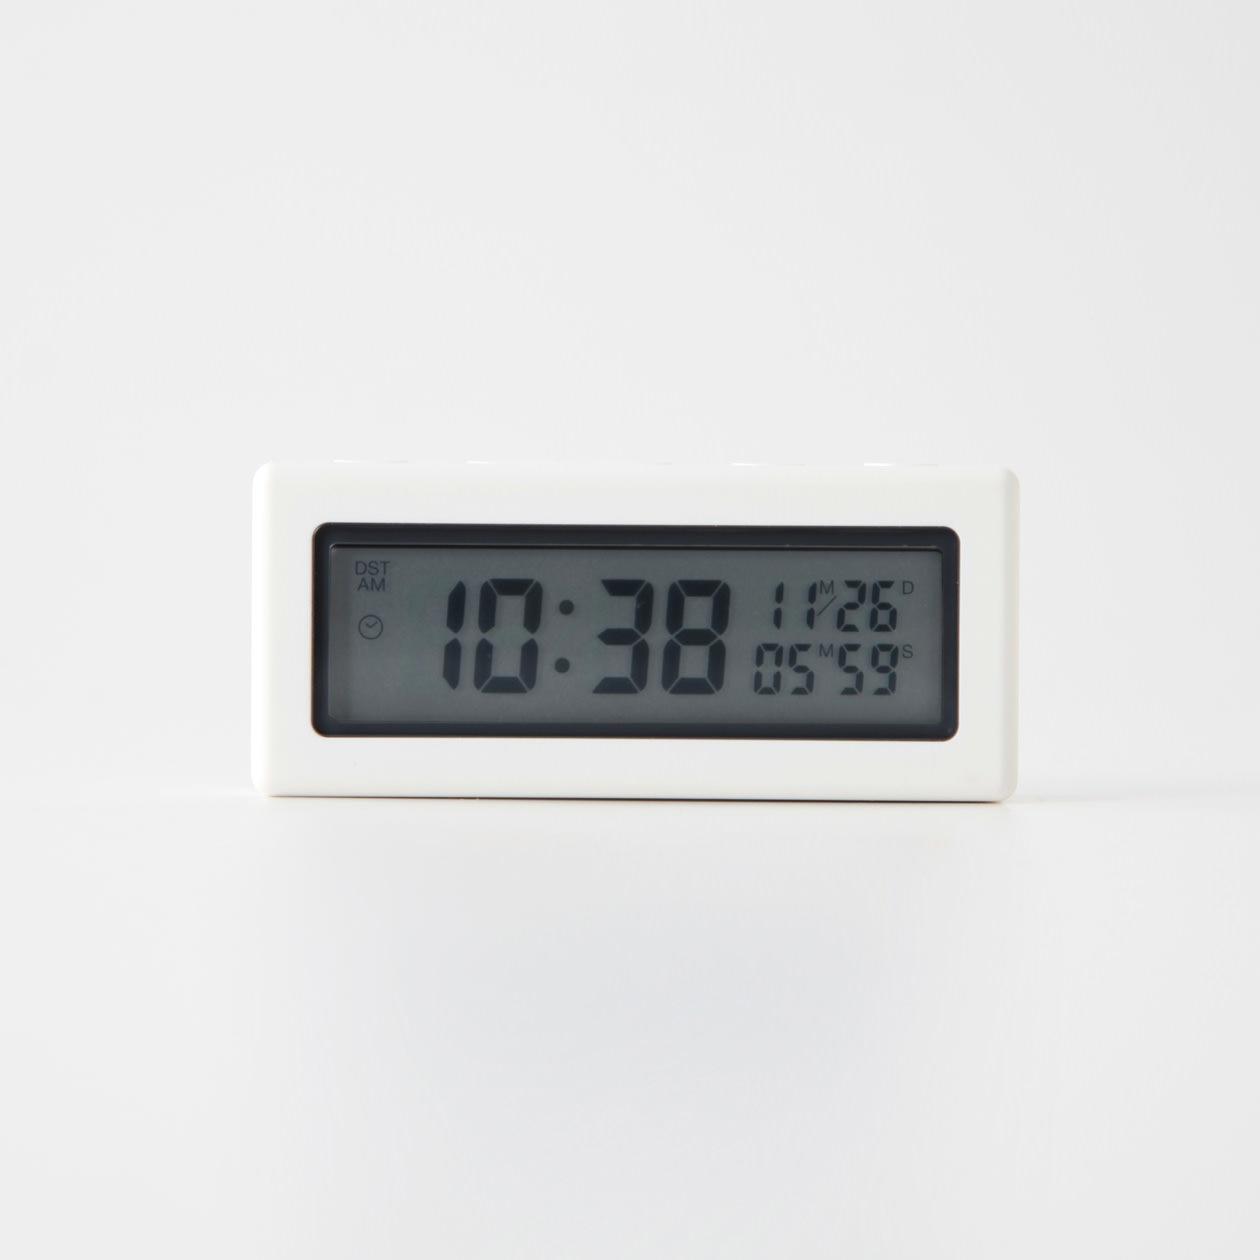 デジタルタイマー時計